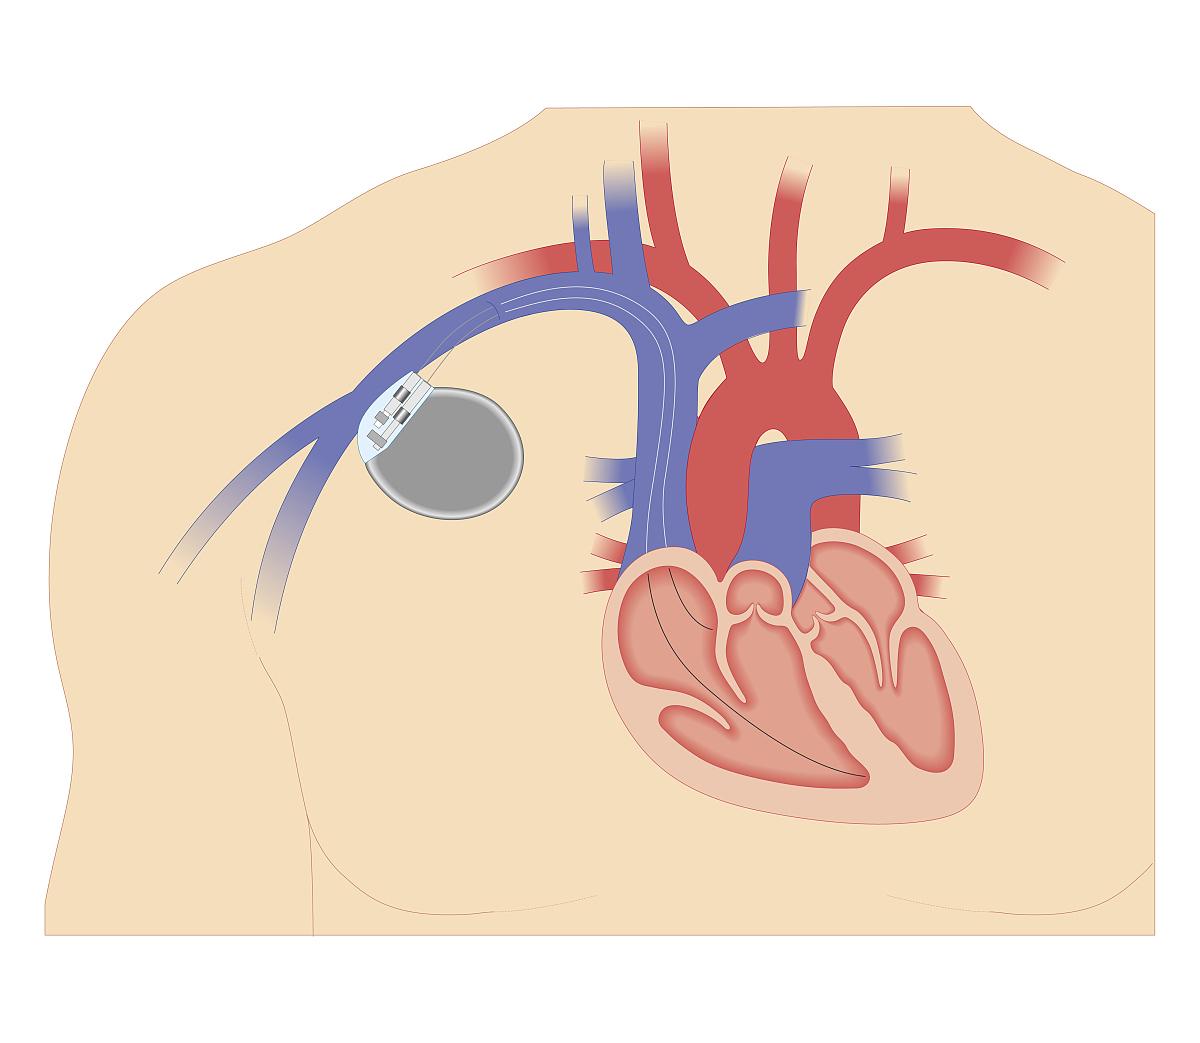 心脏起搏器横截面生物医学图解图片